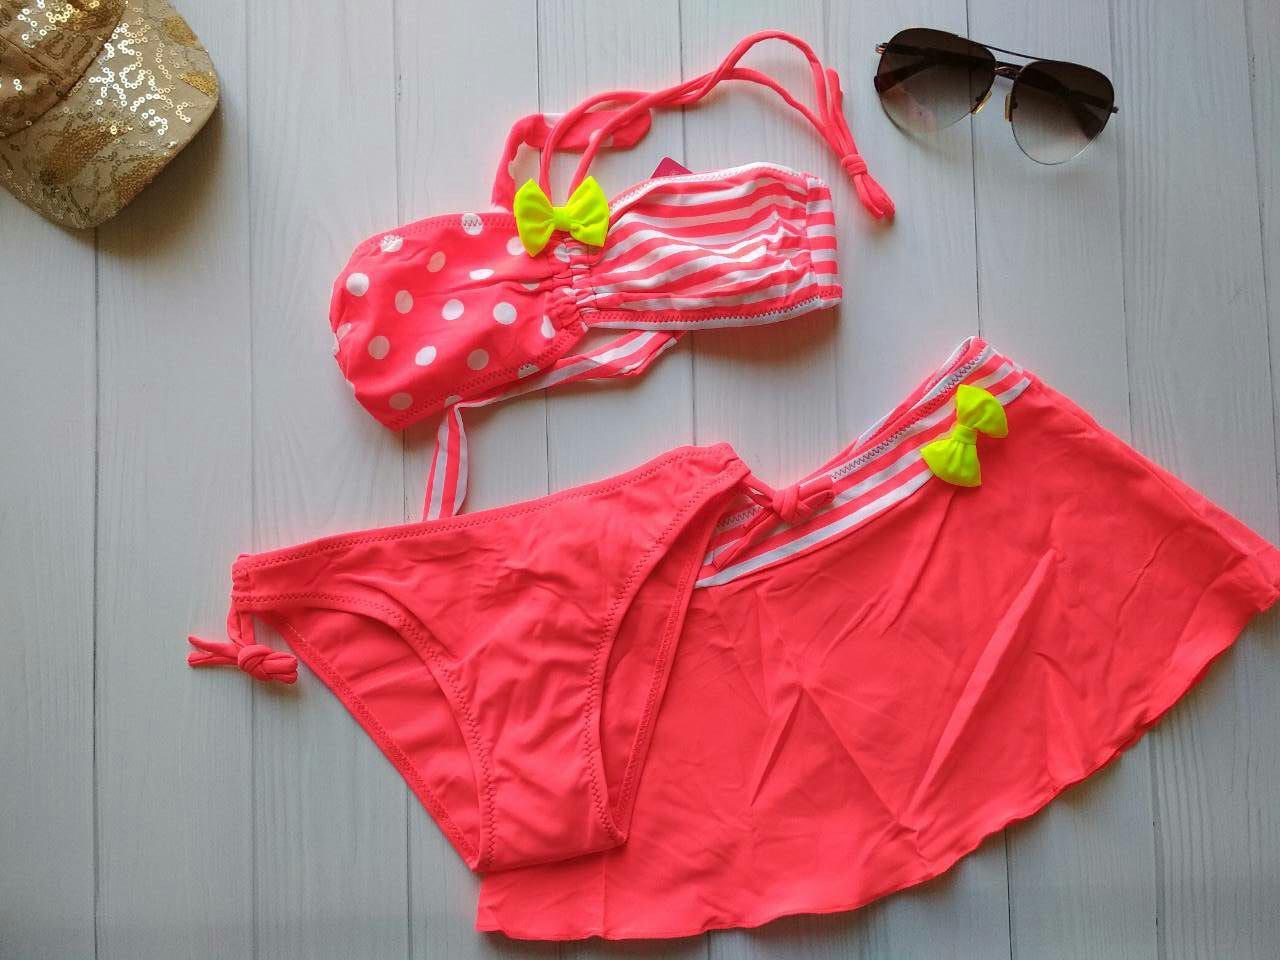 2b8feae28b20b Коралловый купальник для девочки с юбкой в горох и полоску и желтым бантом